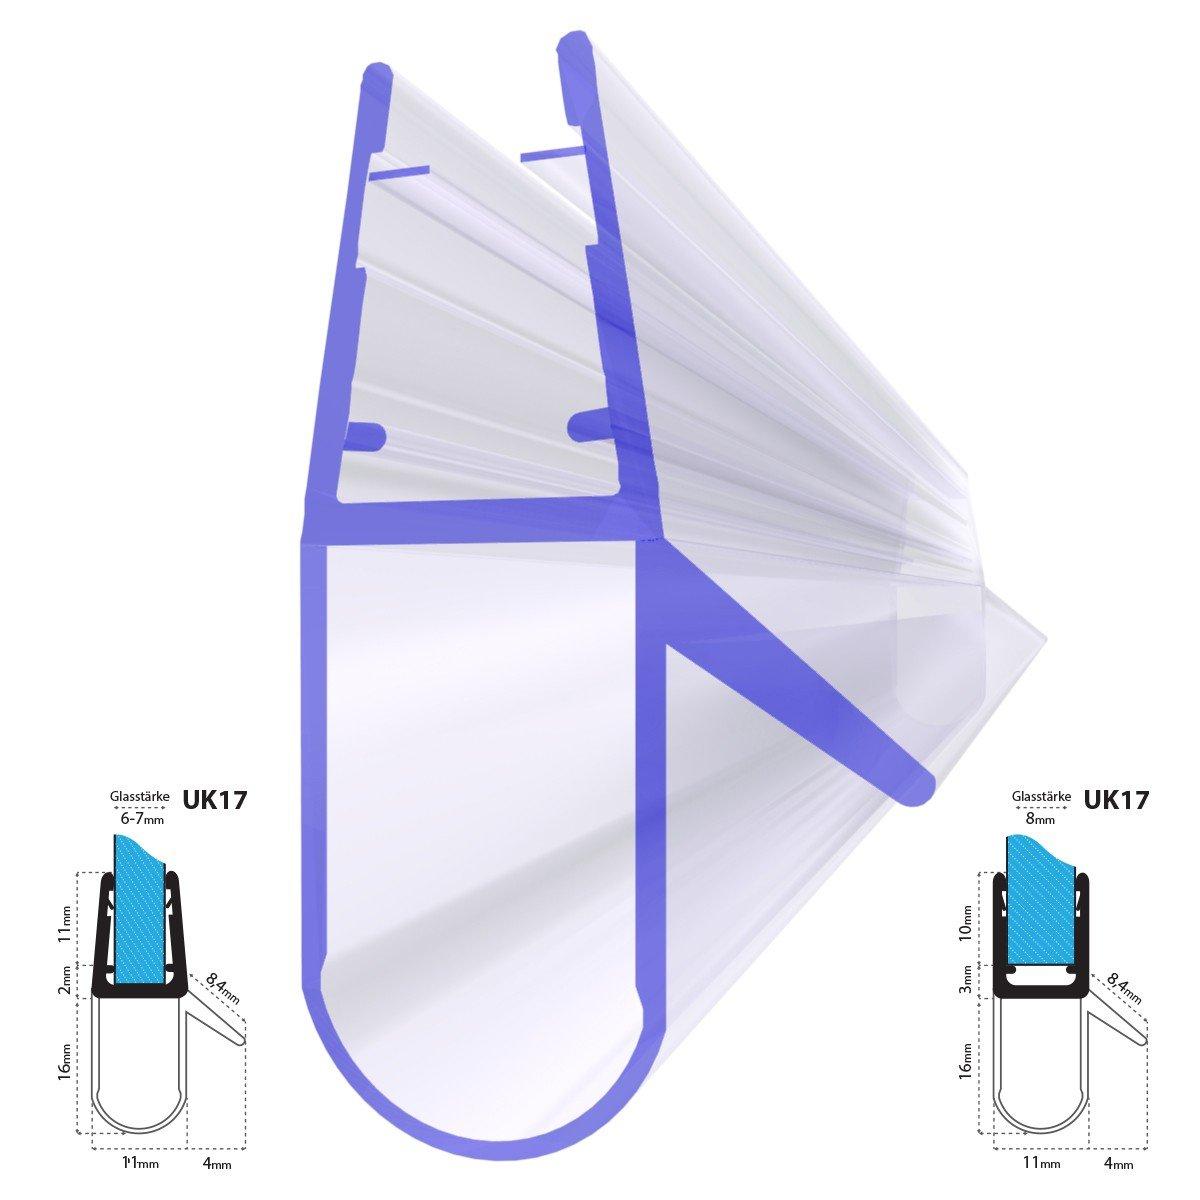 steigner 80 cm Junta de repuesto para 5 mm/6 mm/7 mm/8 mm grosor del cristal deflectores de agua Ducha Junta uk17 72648 –  Cabina de ducha 51483714